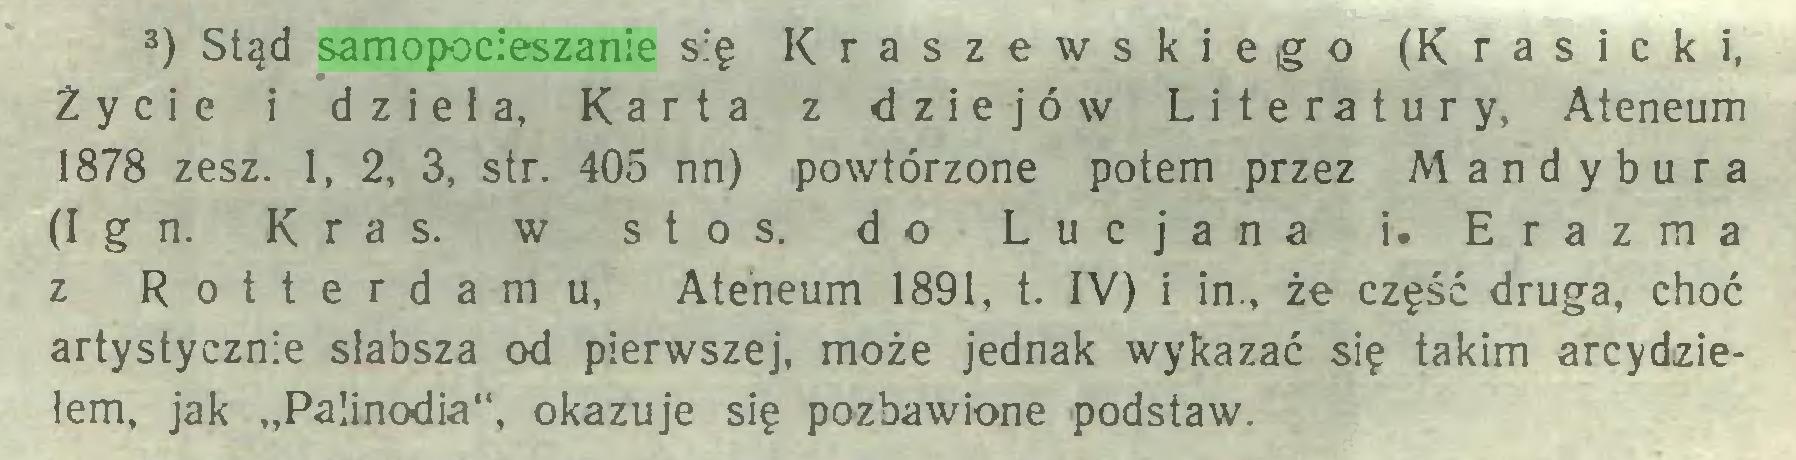 """(...) 3) Stąd samopocieszanie się Kraszewskiego (Krasicki, Życie i dzieła, Karta z dziejów Literatury, Ateneum 1878 zesz. 1, 2, 3, str. 405 nn) powtórzone potem przez Mandybura (Ign. Kras. w stos. do Lucjana i. Erazma z Rotterdamu, Ateneum 1891, t. IV) i in., że część druga, choć artystycznie słabsza od pierwszej, może jednak wykazać się takim arcydziełem, jak """"Palinodia"""", okazuje się pozbawione podstaw..."""